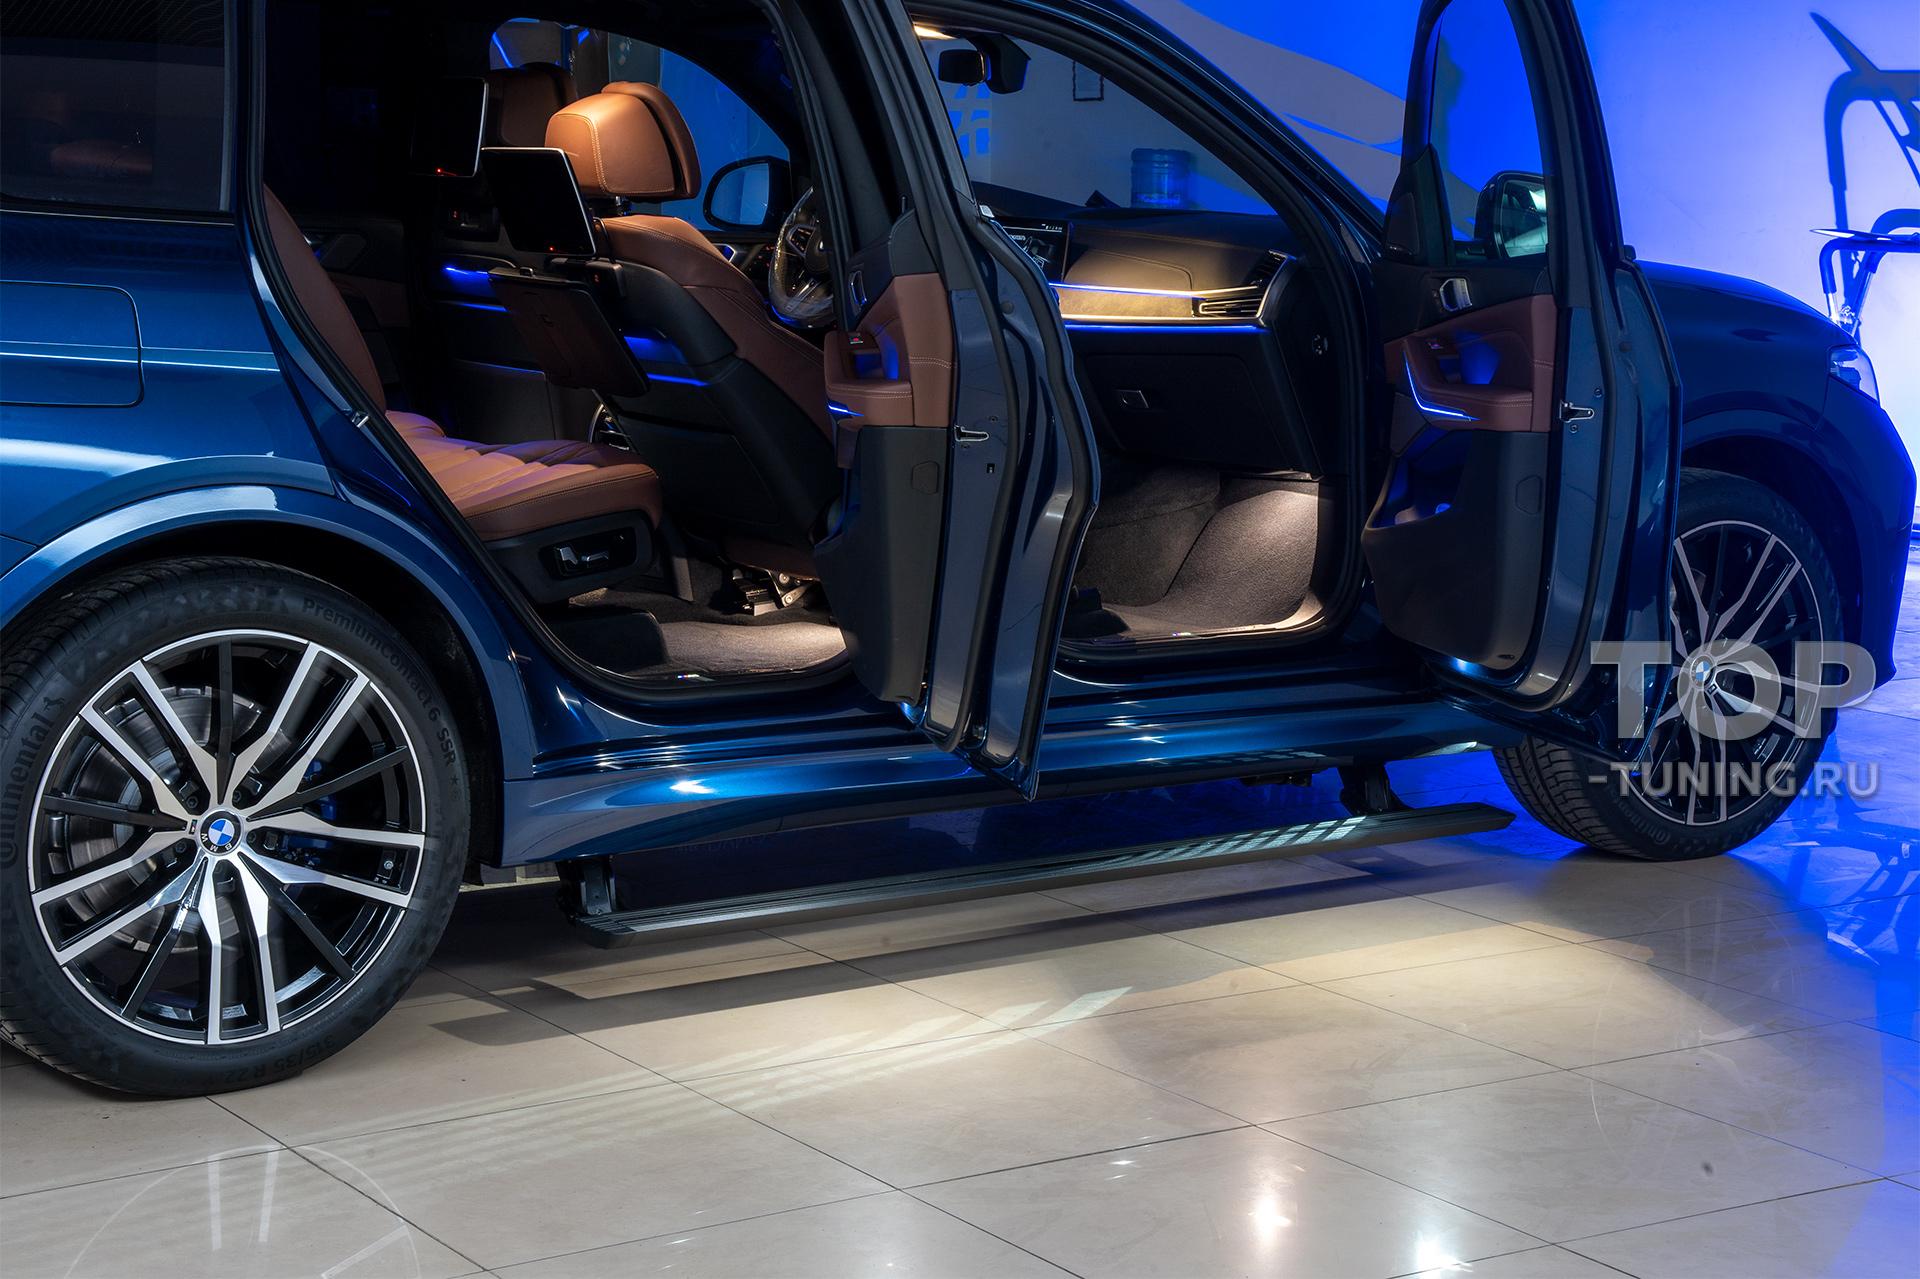 103903 Бронепленка и выезжающие пороги для BMW X7